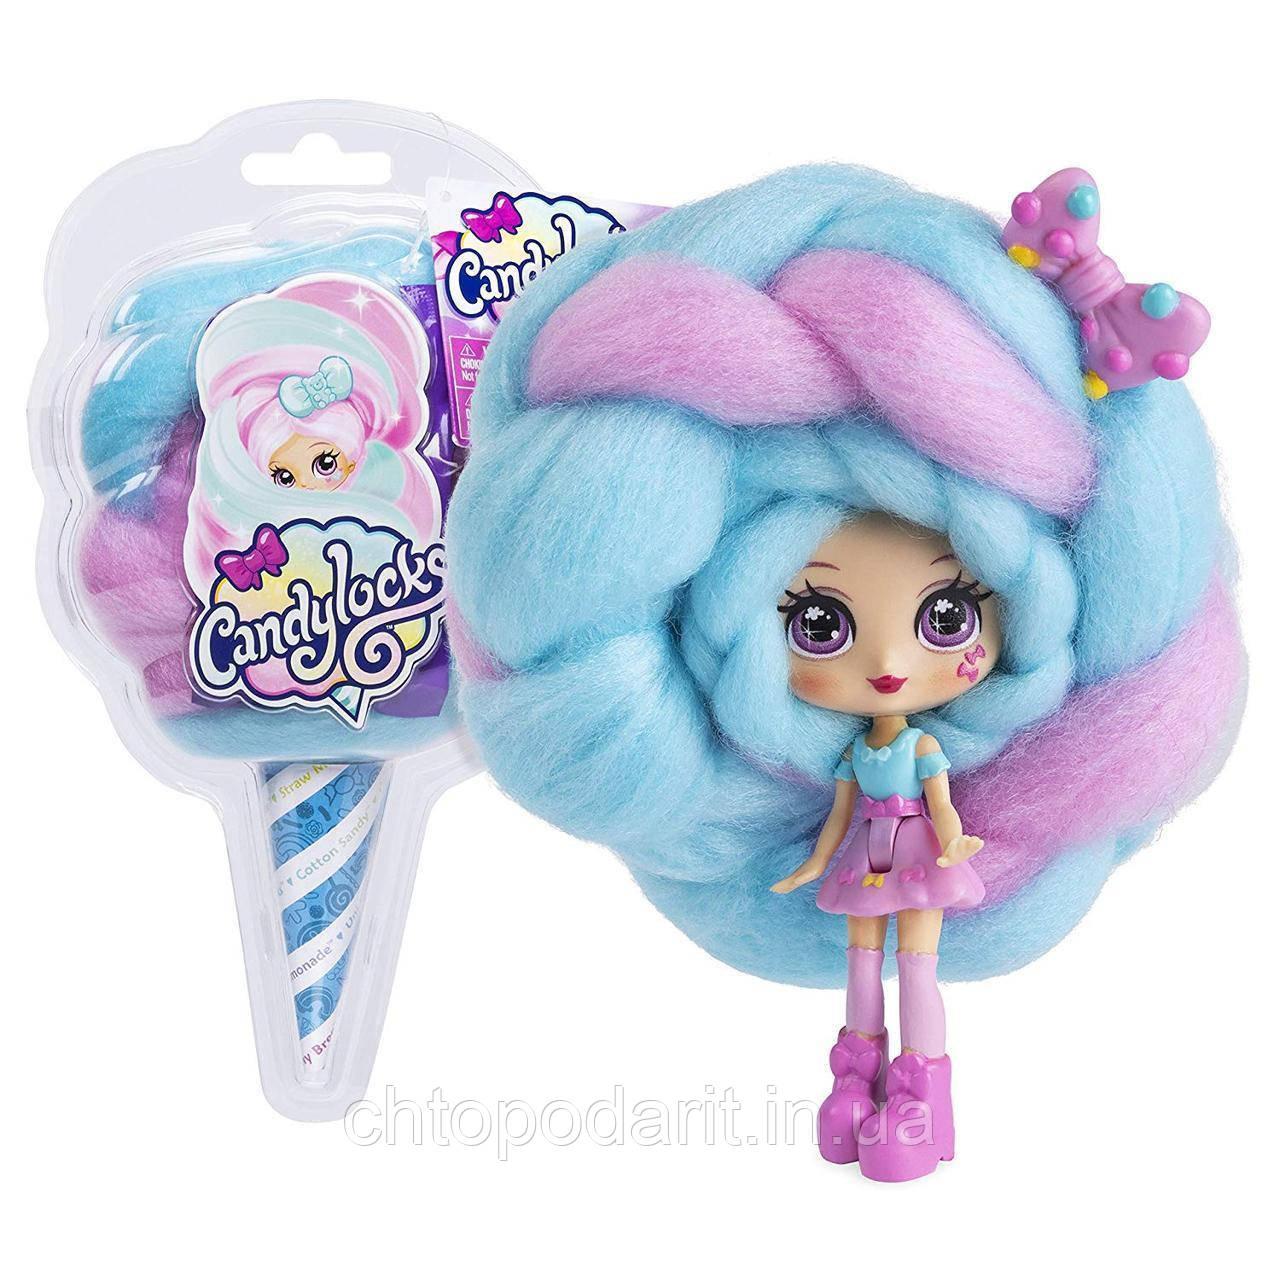 """Кукла """"Кендилукс сладкая вата"""" Candylocks с цветными волосами Код 12-2322"""